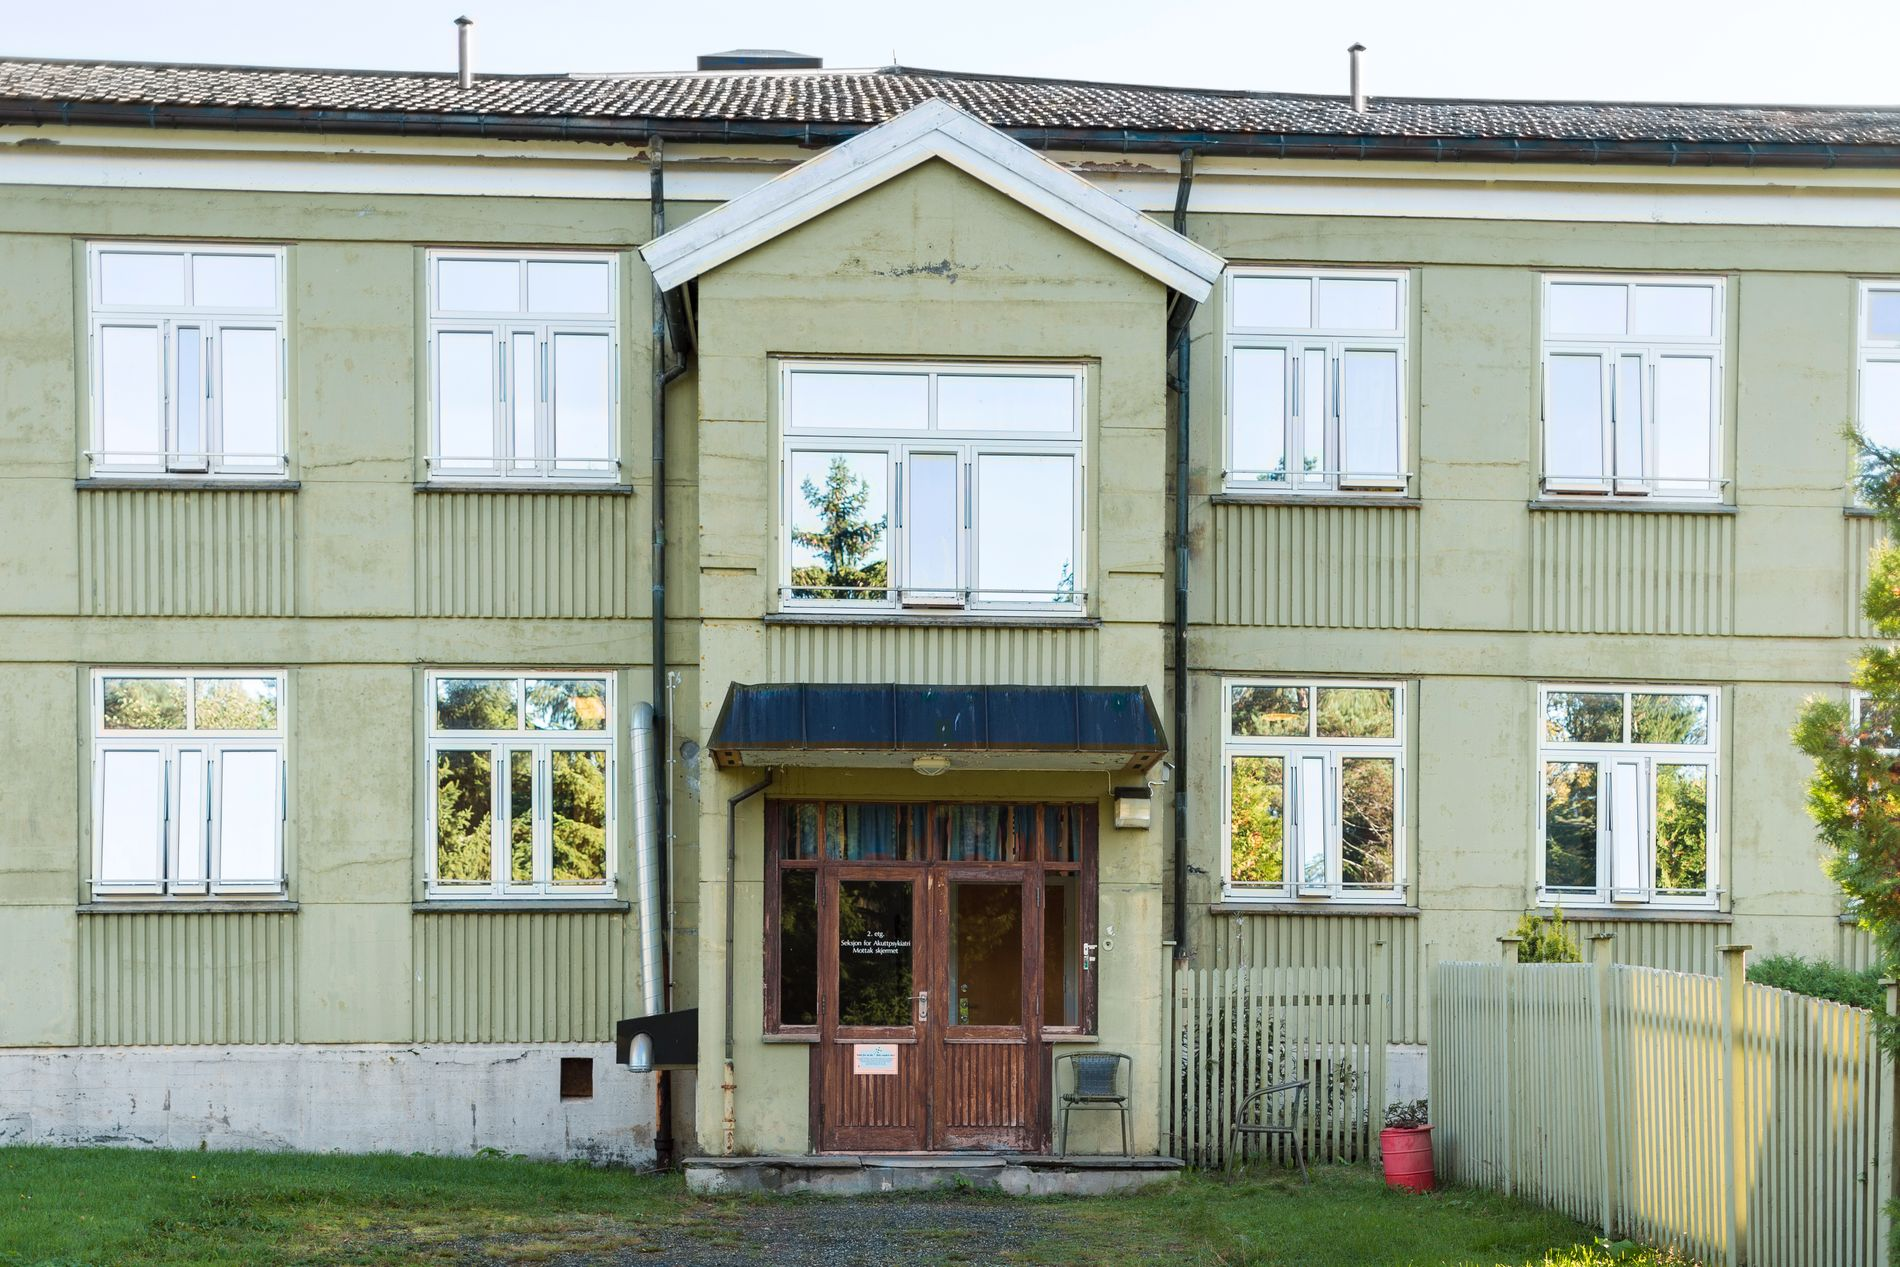 SYKEHUS: Her ved Hjelset psykiatriske i Molde, samt ved psykiatrisk avdeling i Ålesund var varigheten på belteleggingene tre ganger så lang som hos resten av sykehusene i VGs tallmateriale.